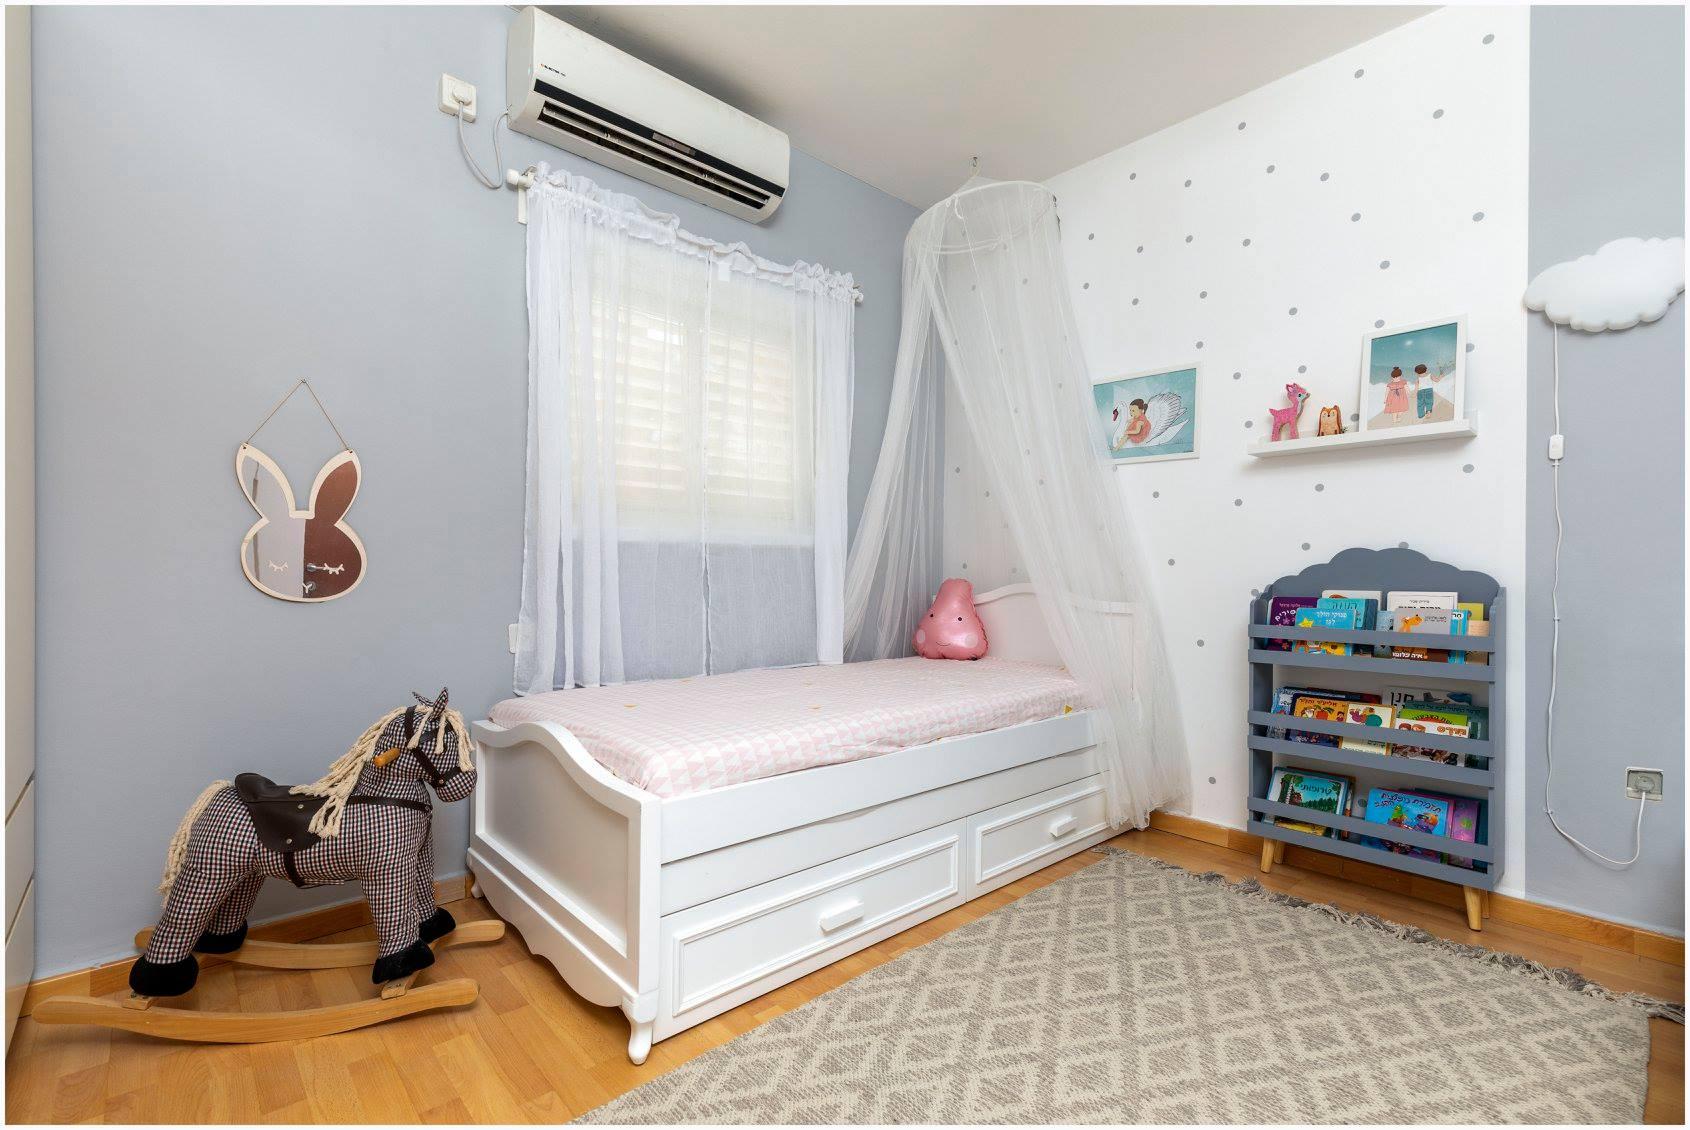 עיצוב חדר ילדים עפרי ורואי 02